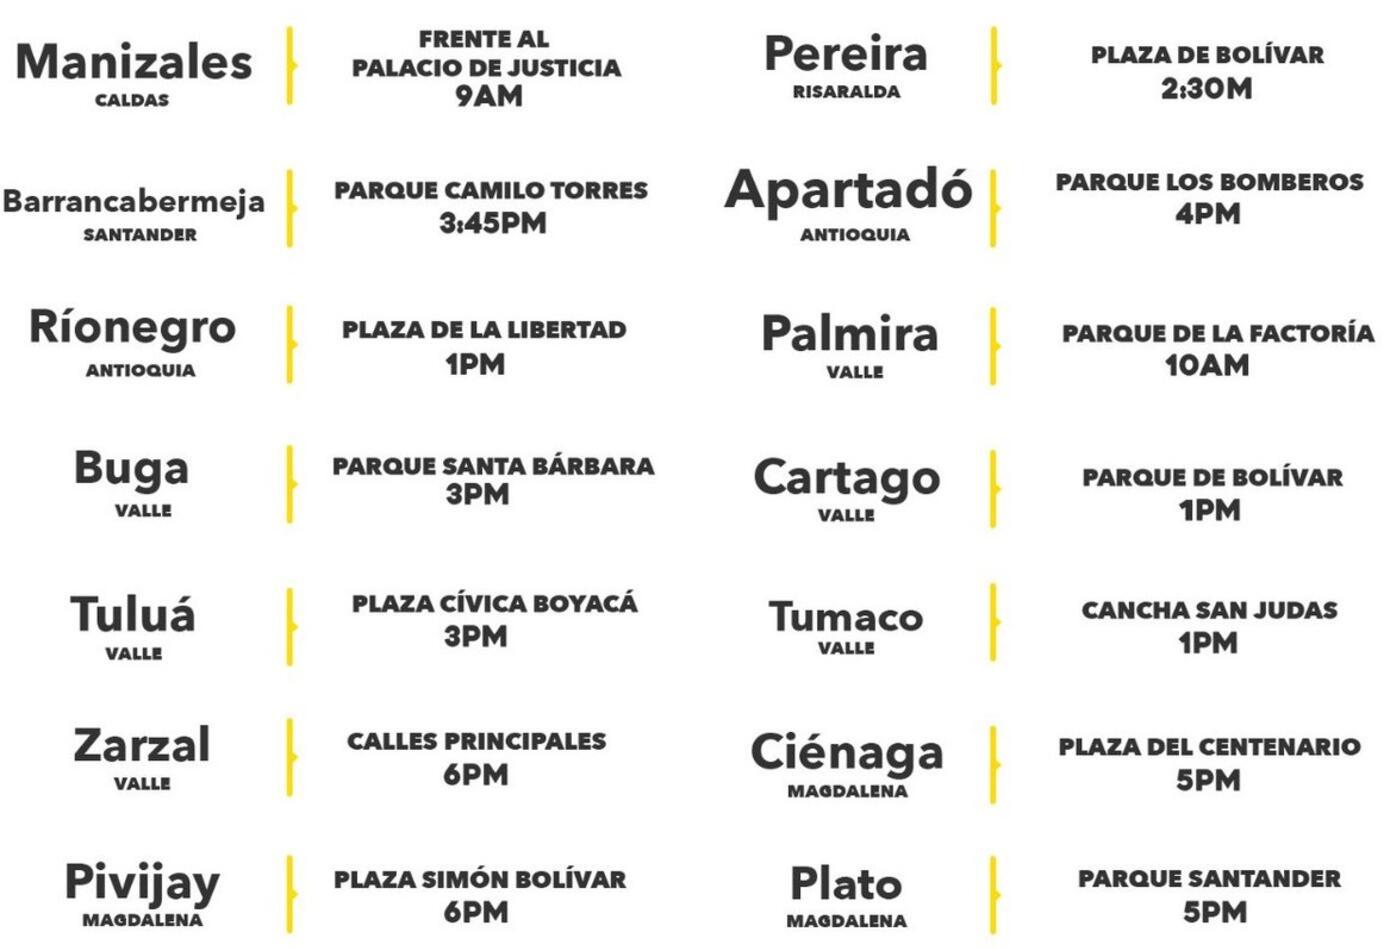 Estas son las ciudades y horarios donde se realizará la manifestación